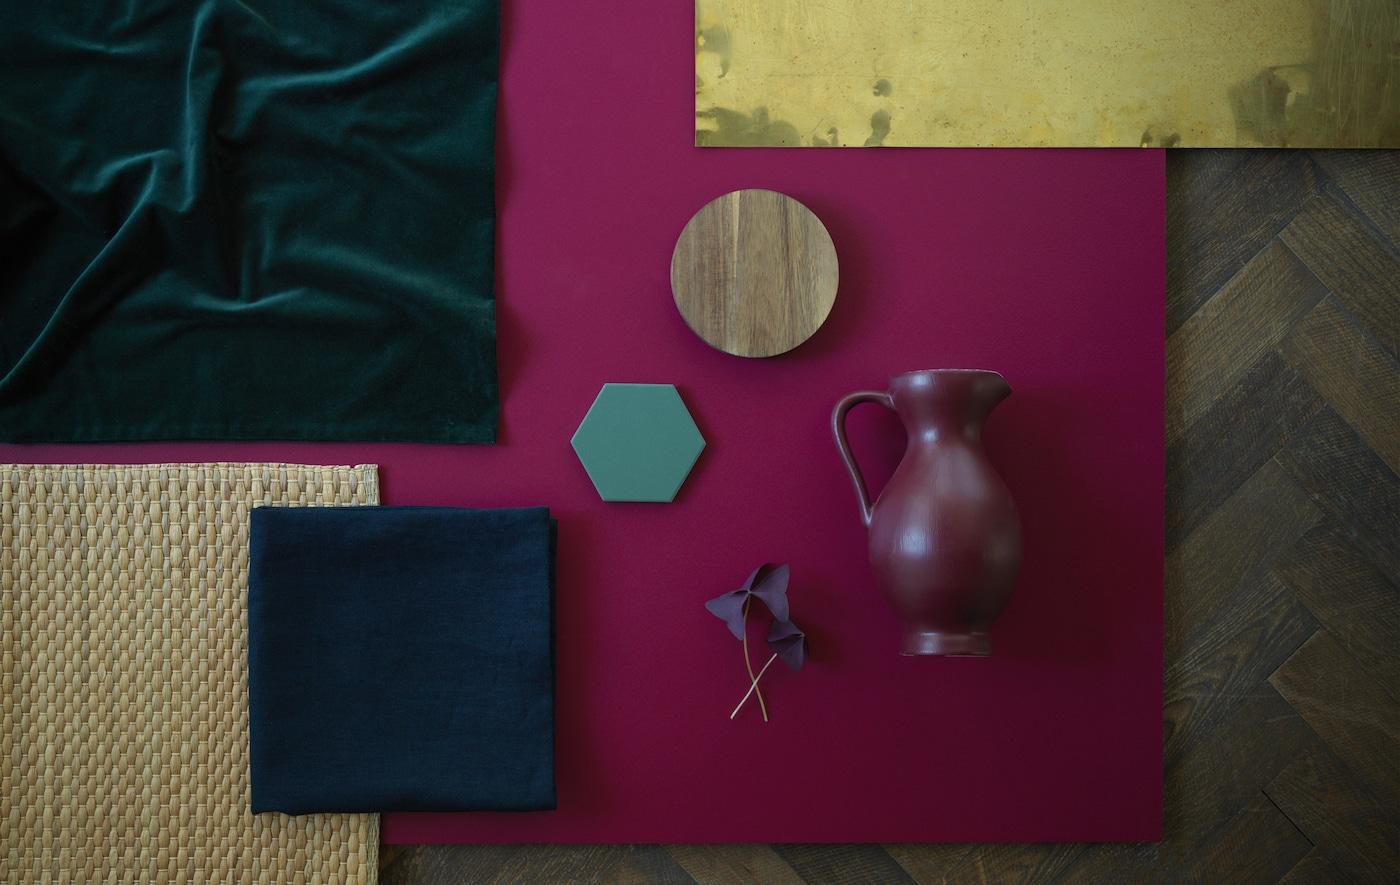 Obține stilurile de design interior în vogă ale sezonului de la IKEA și află cum să le duci la tine acasă.